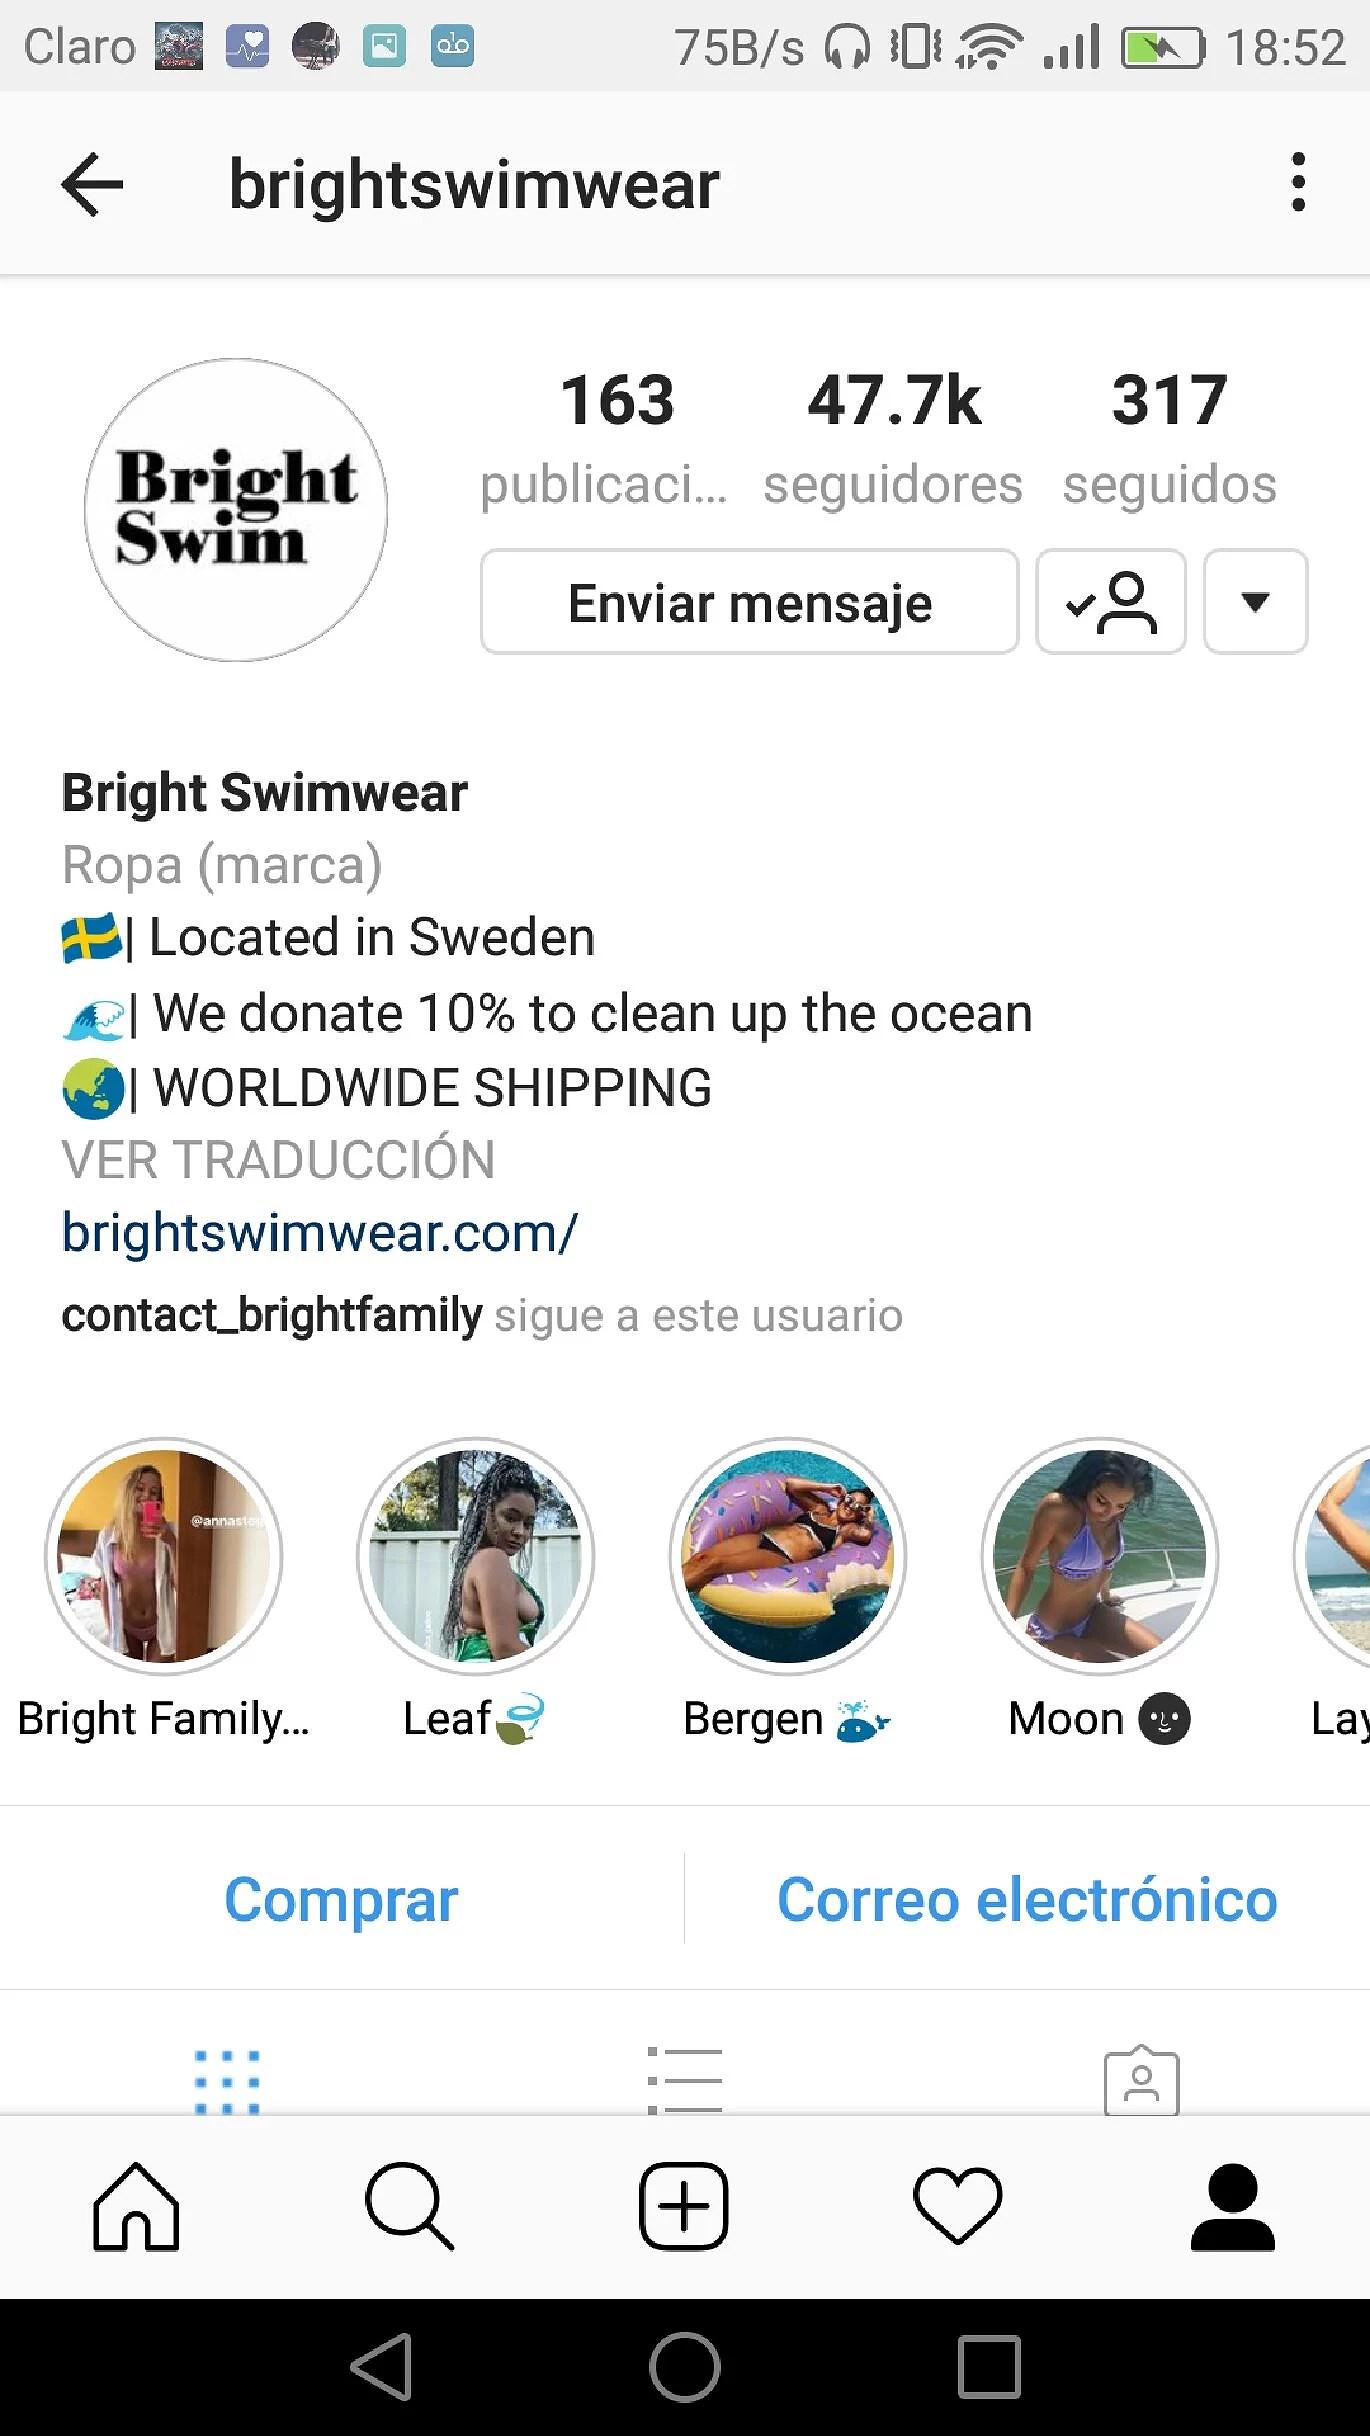 Bright Swimwear 👙